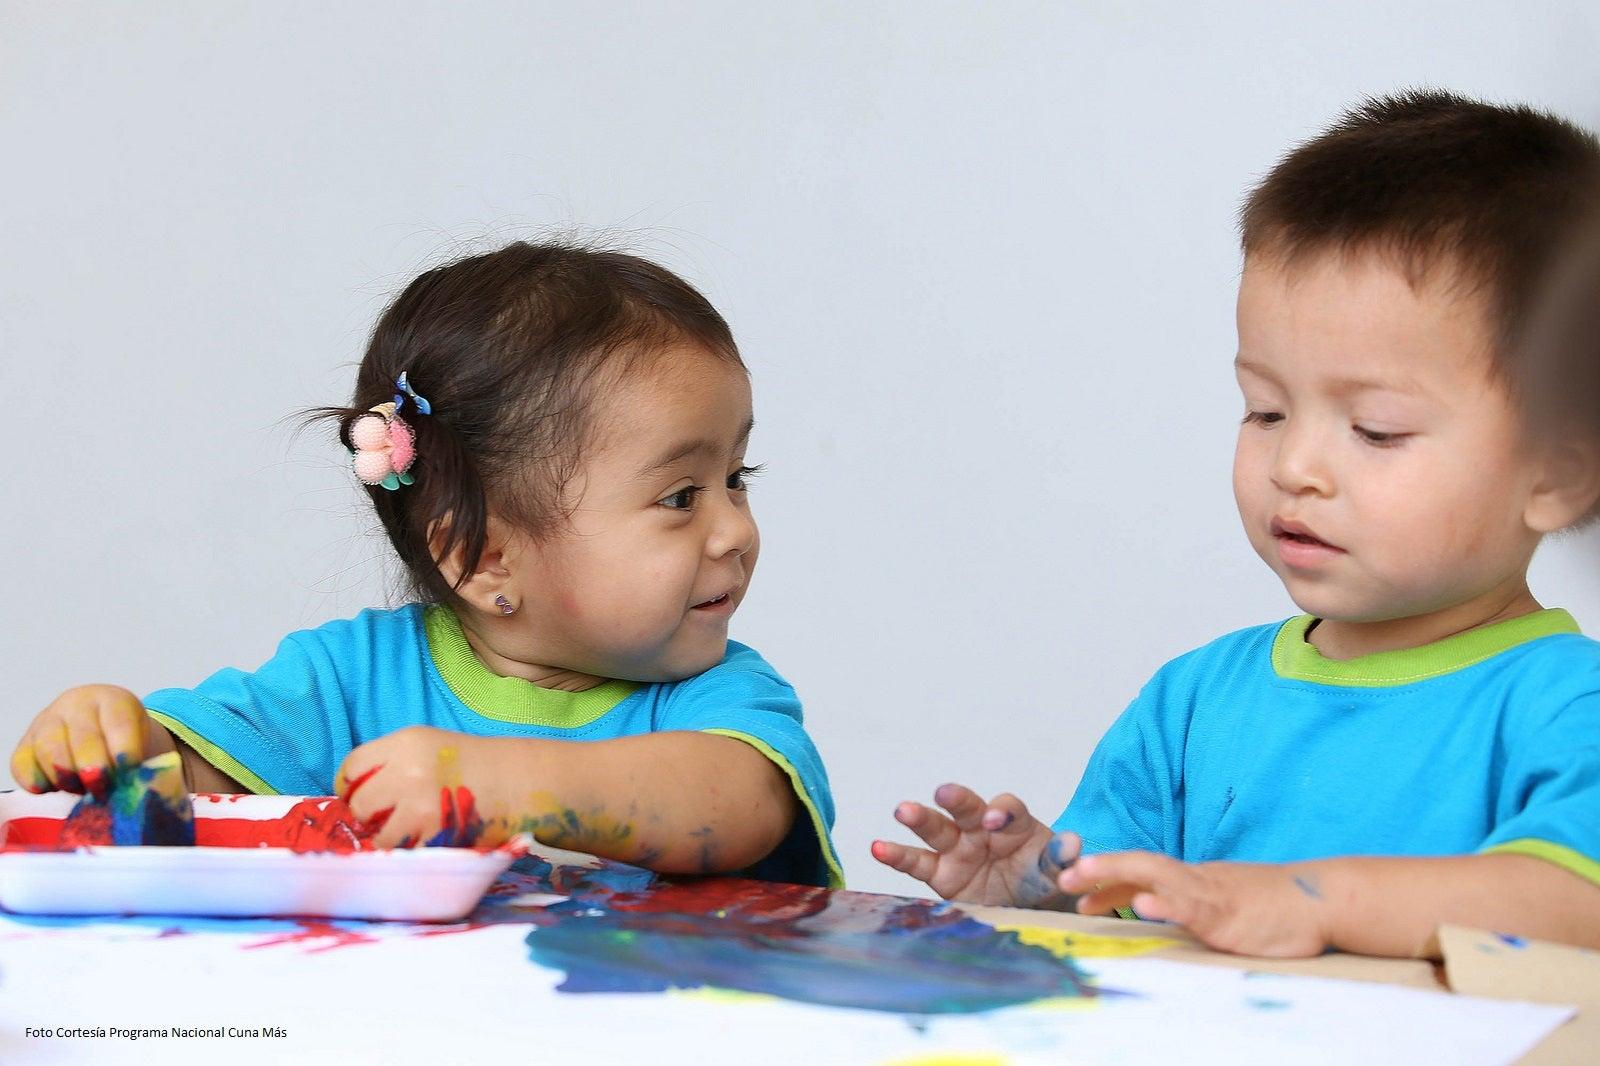 Relación entre jardines infantiles y conexiones neuronales